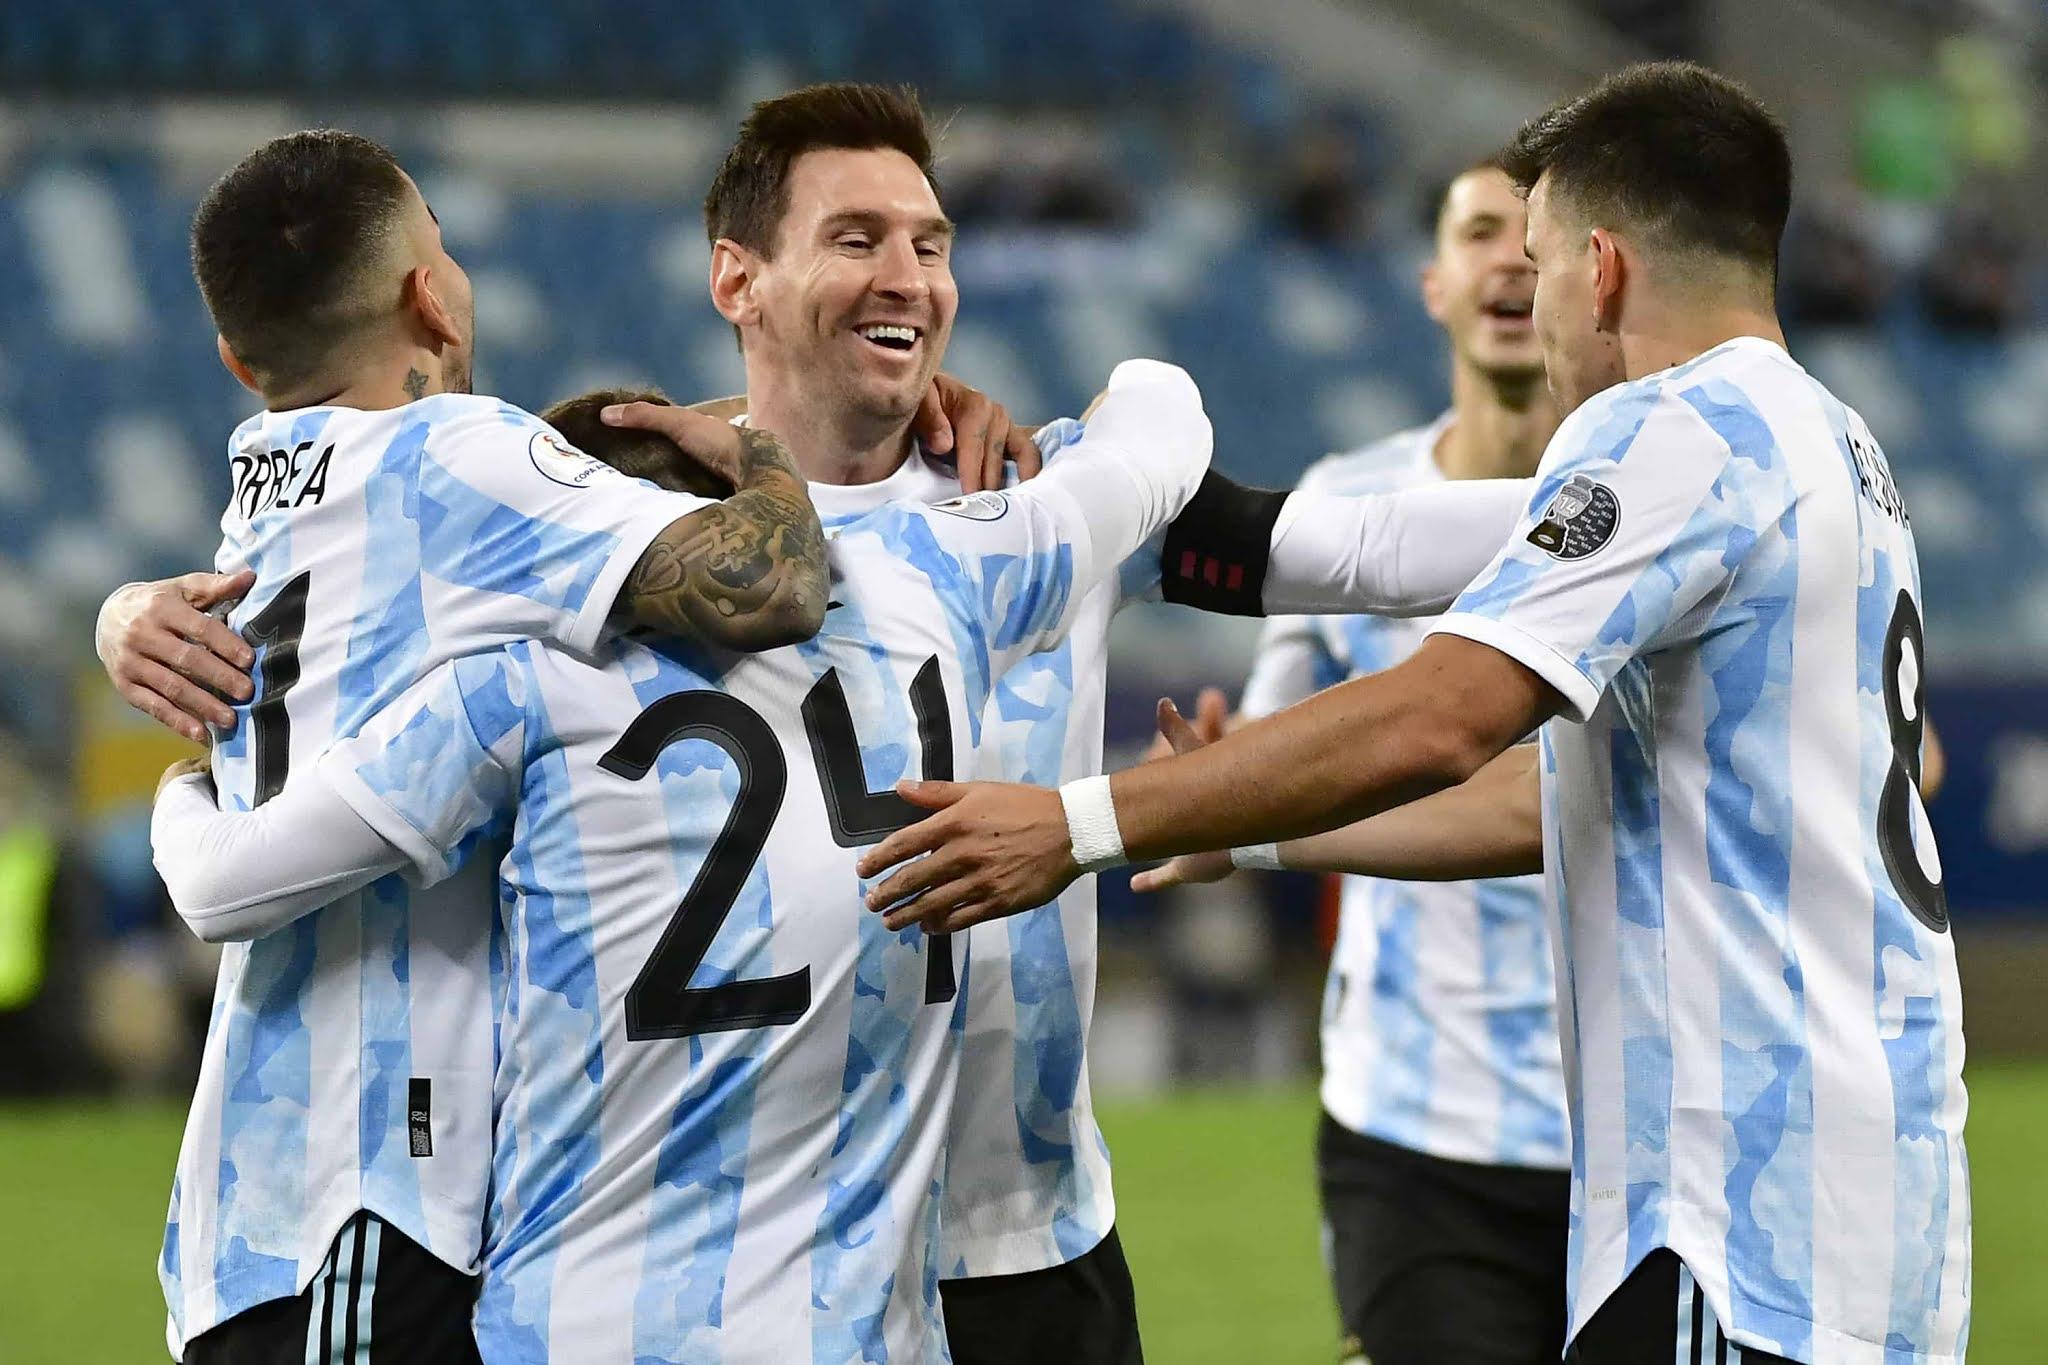 De la mano de un Messi histórico, Argentina goleó a Bolivia y crece en confianza